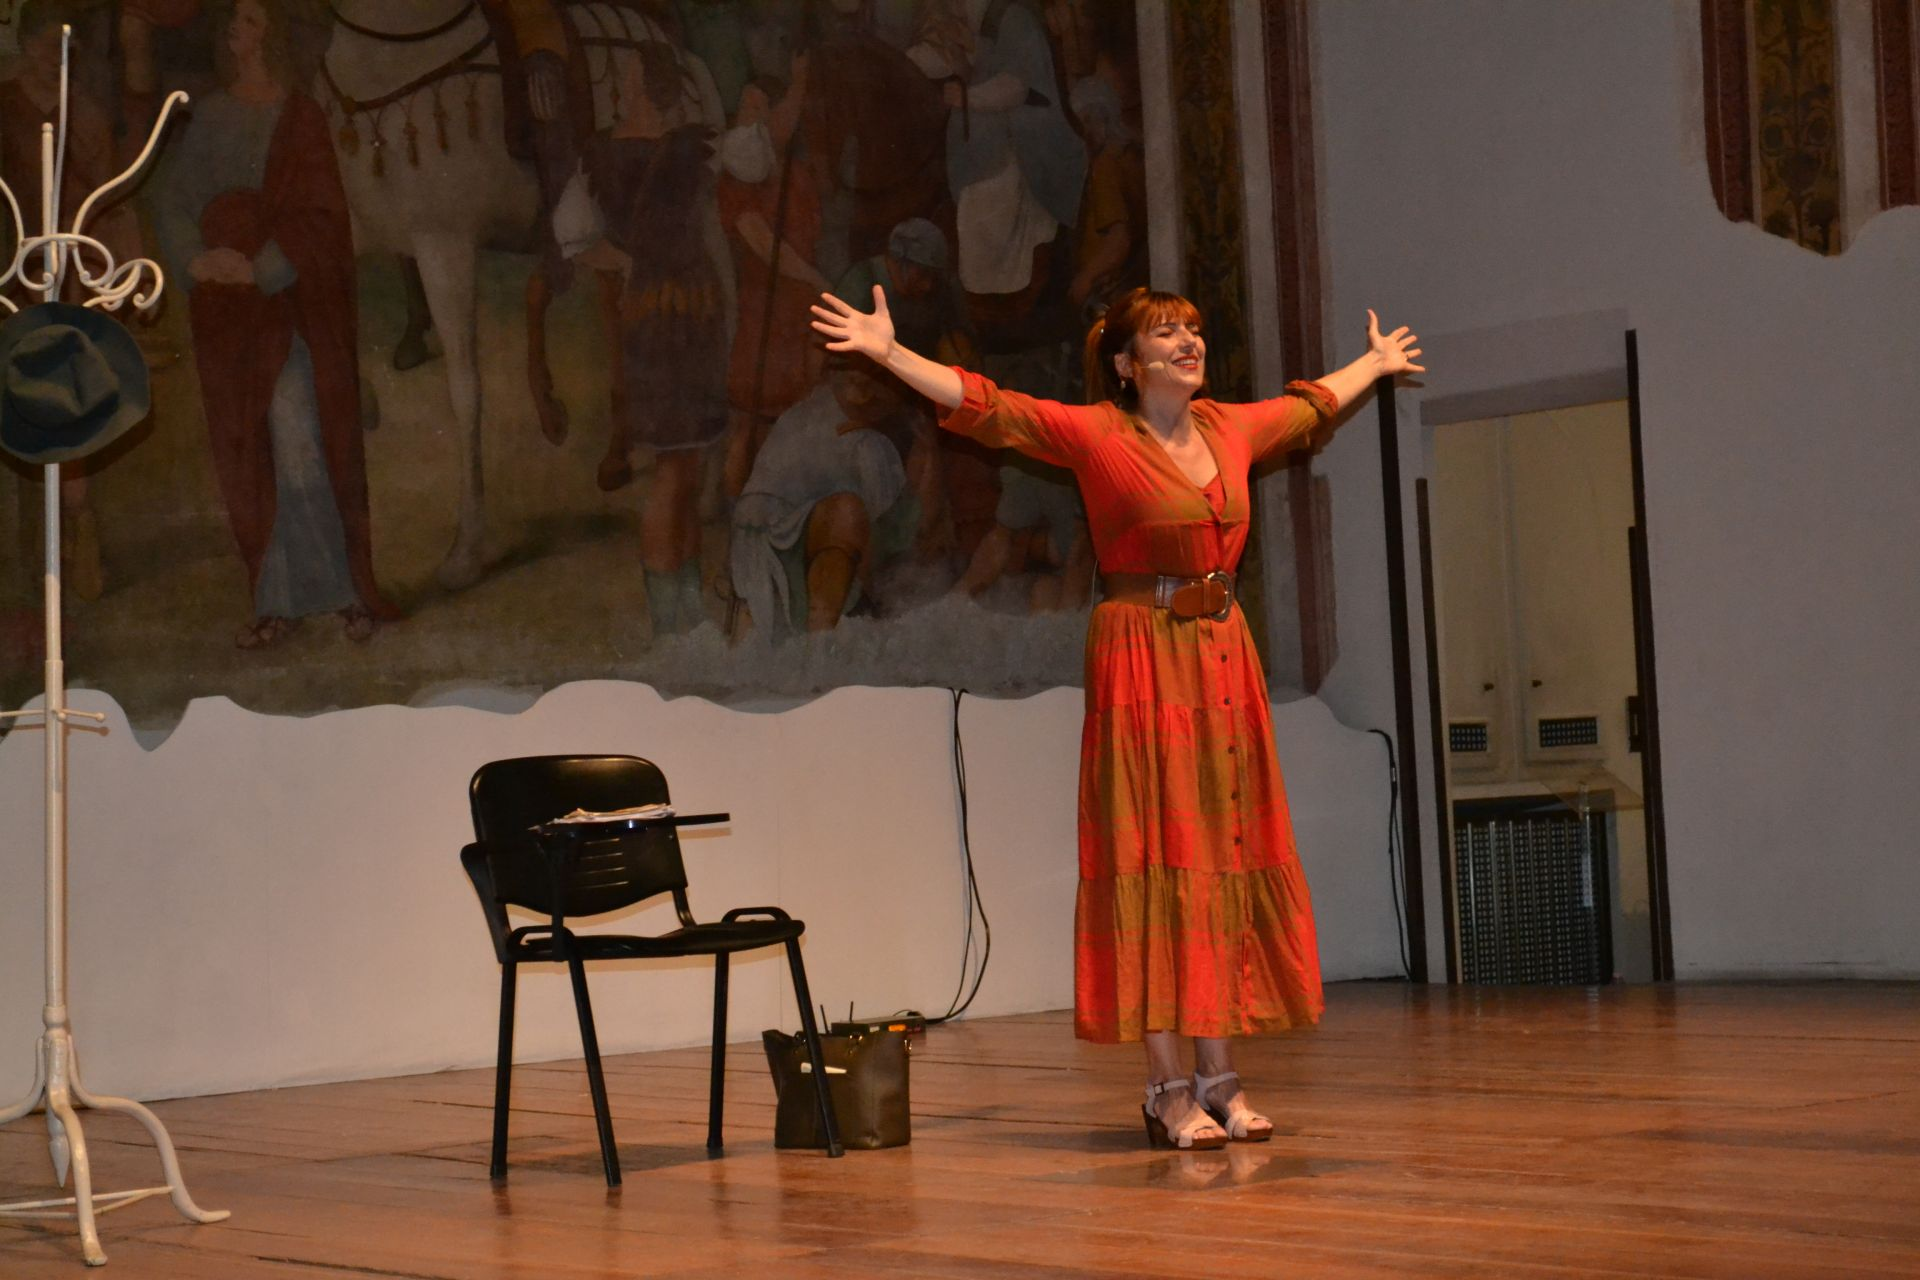 L'altra sera monologo su Mileva Maric…è stato bello!